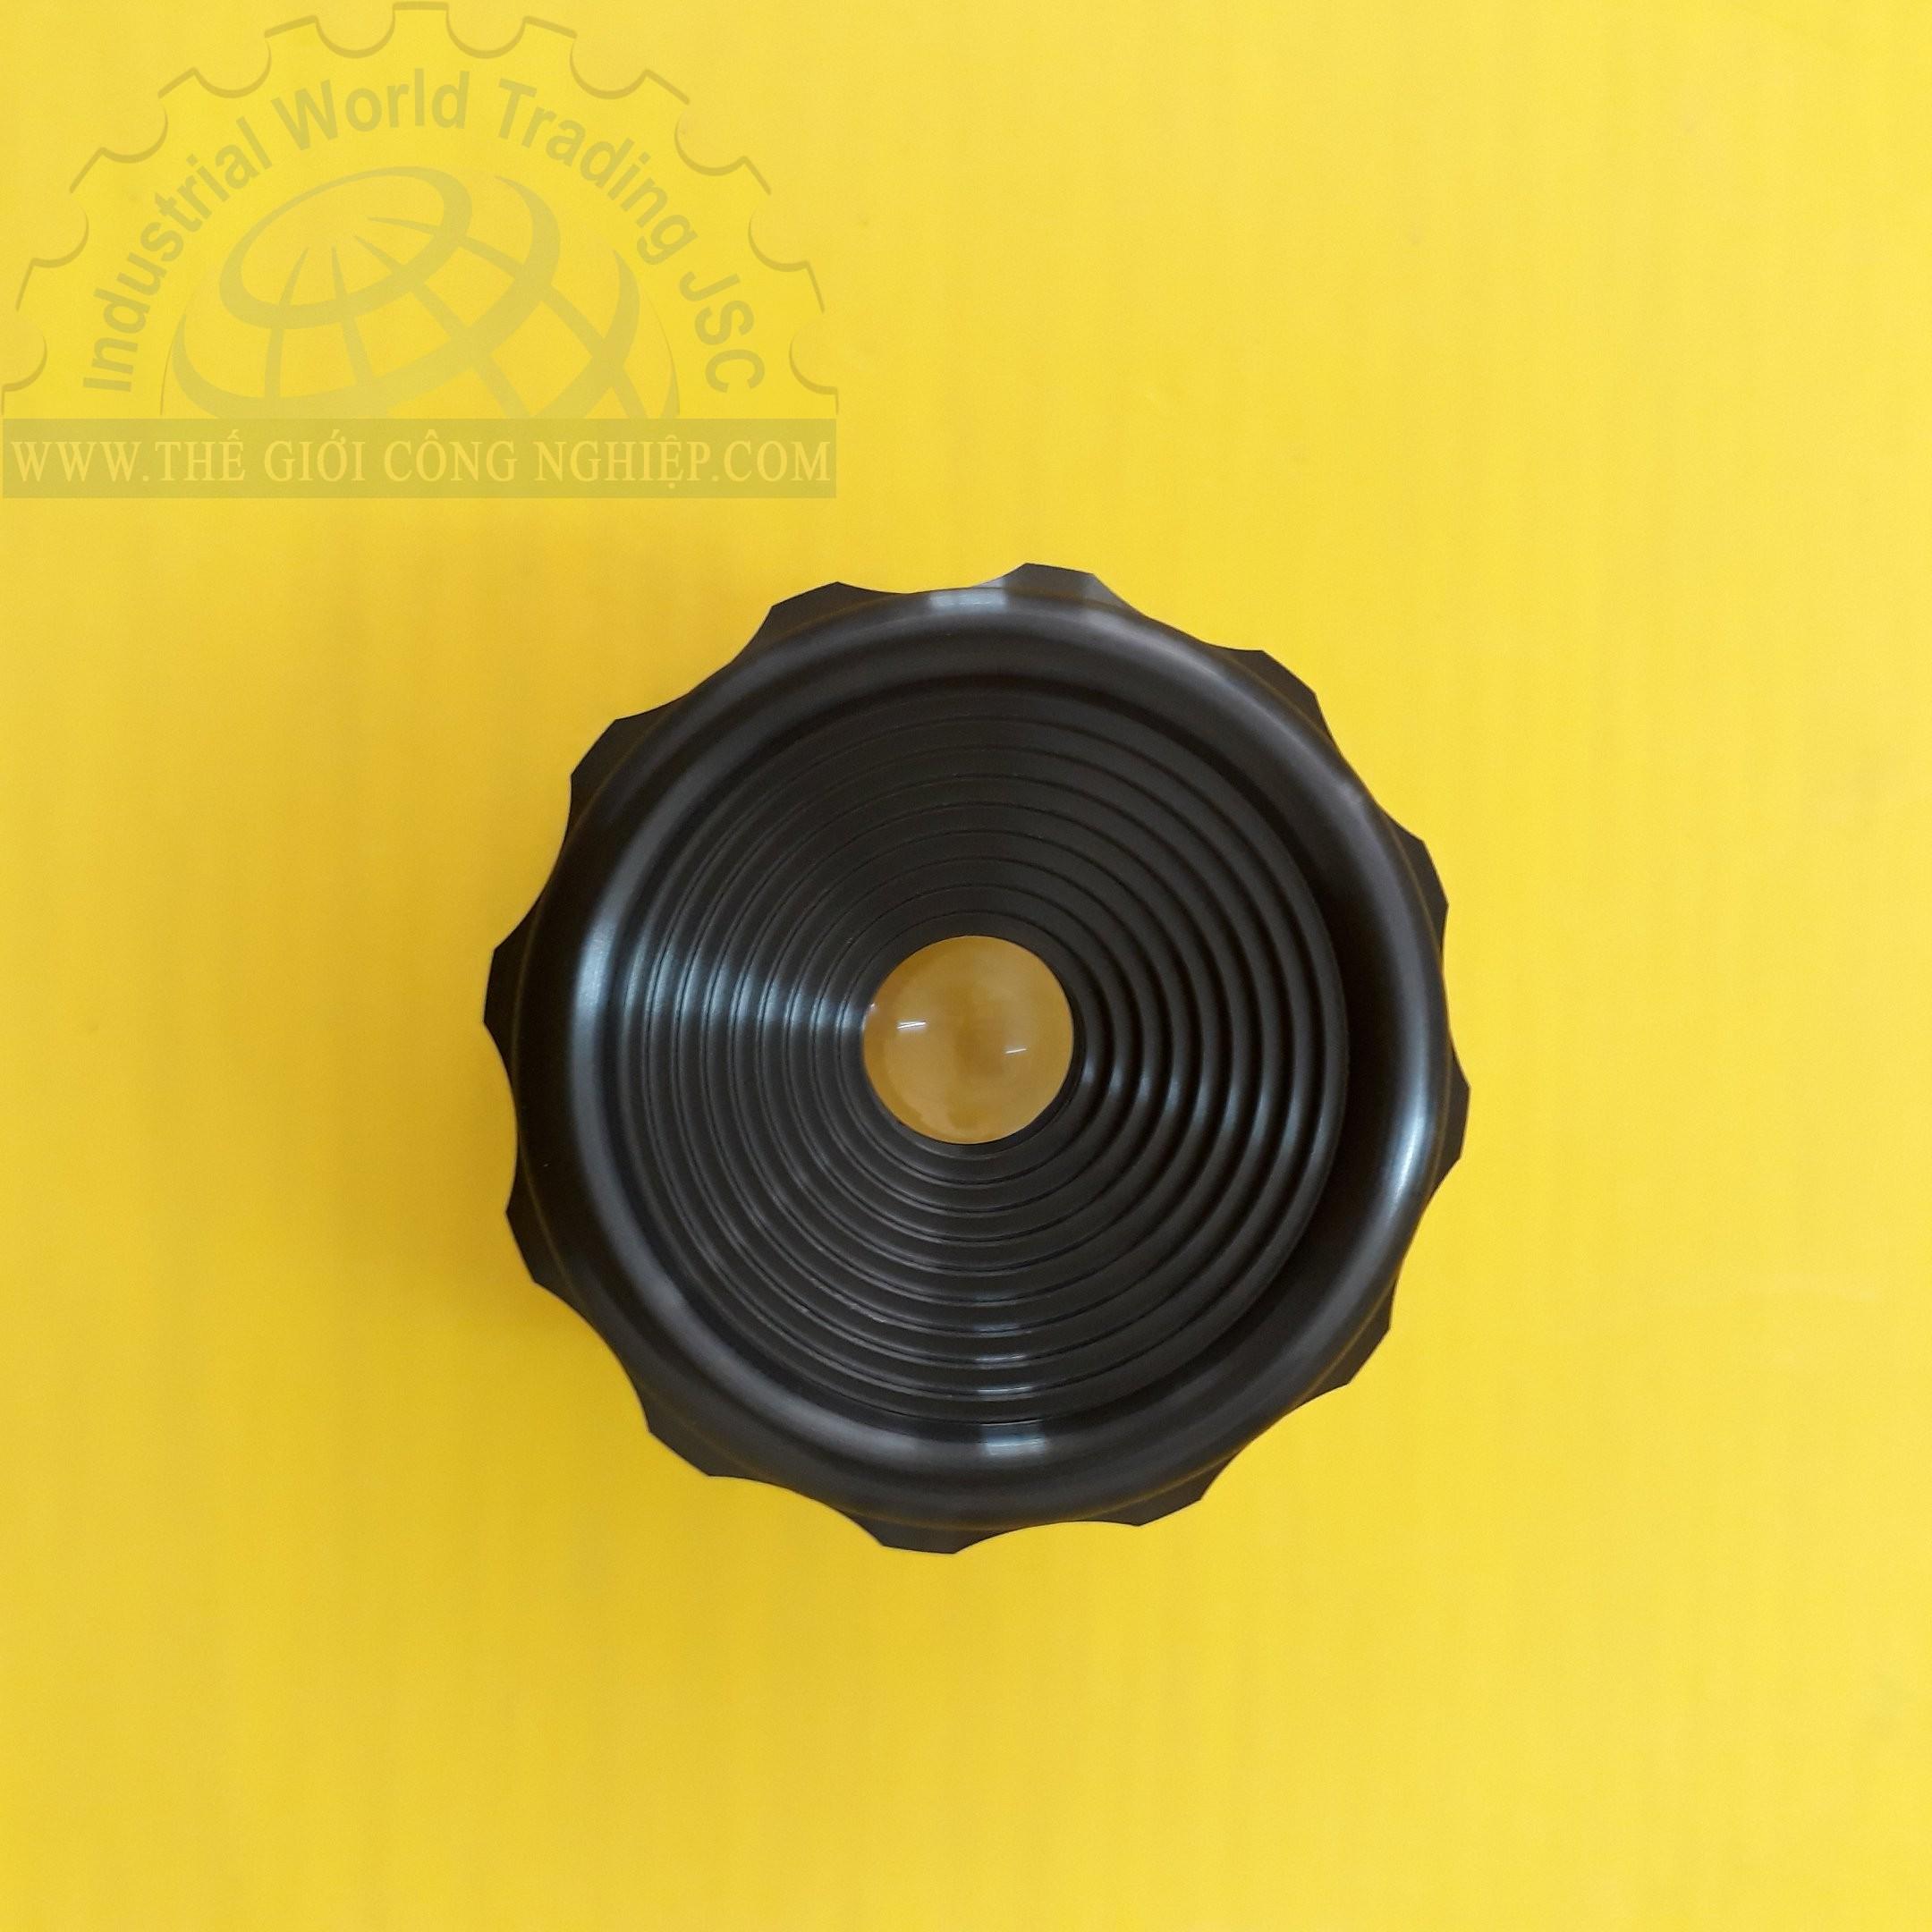 Kính lúp cầm tay có thước đo tiêu chuẩn, độ phóng đại 30x scale Loupe NoS 2037 2037-30X PEAK